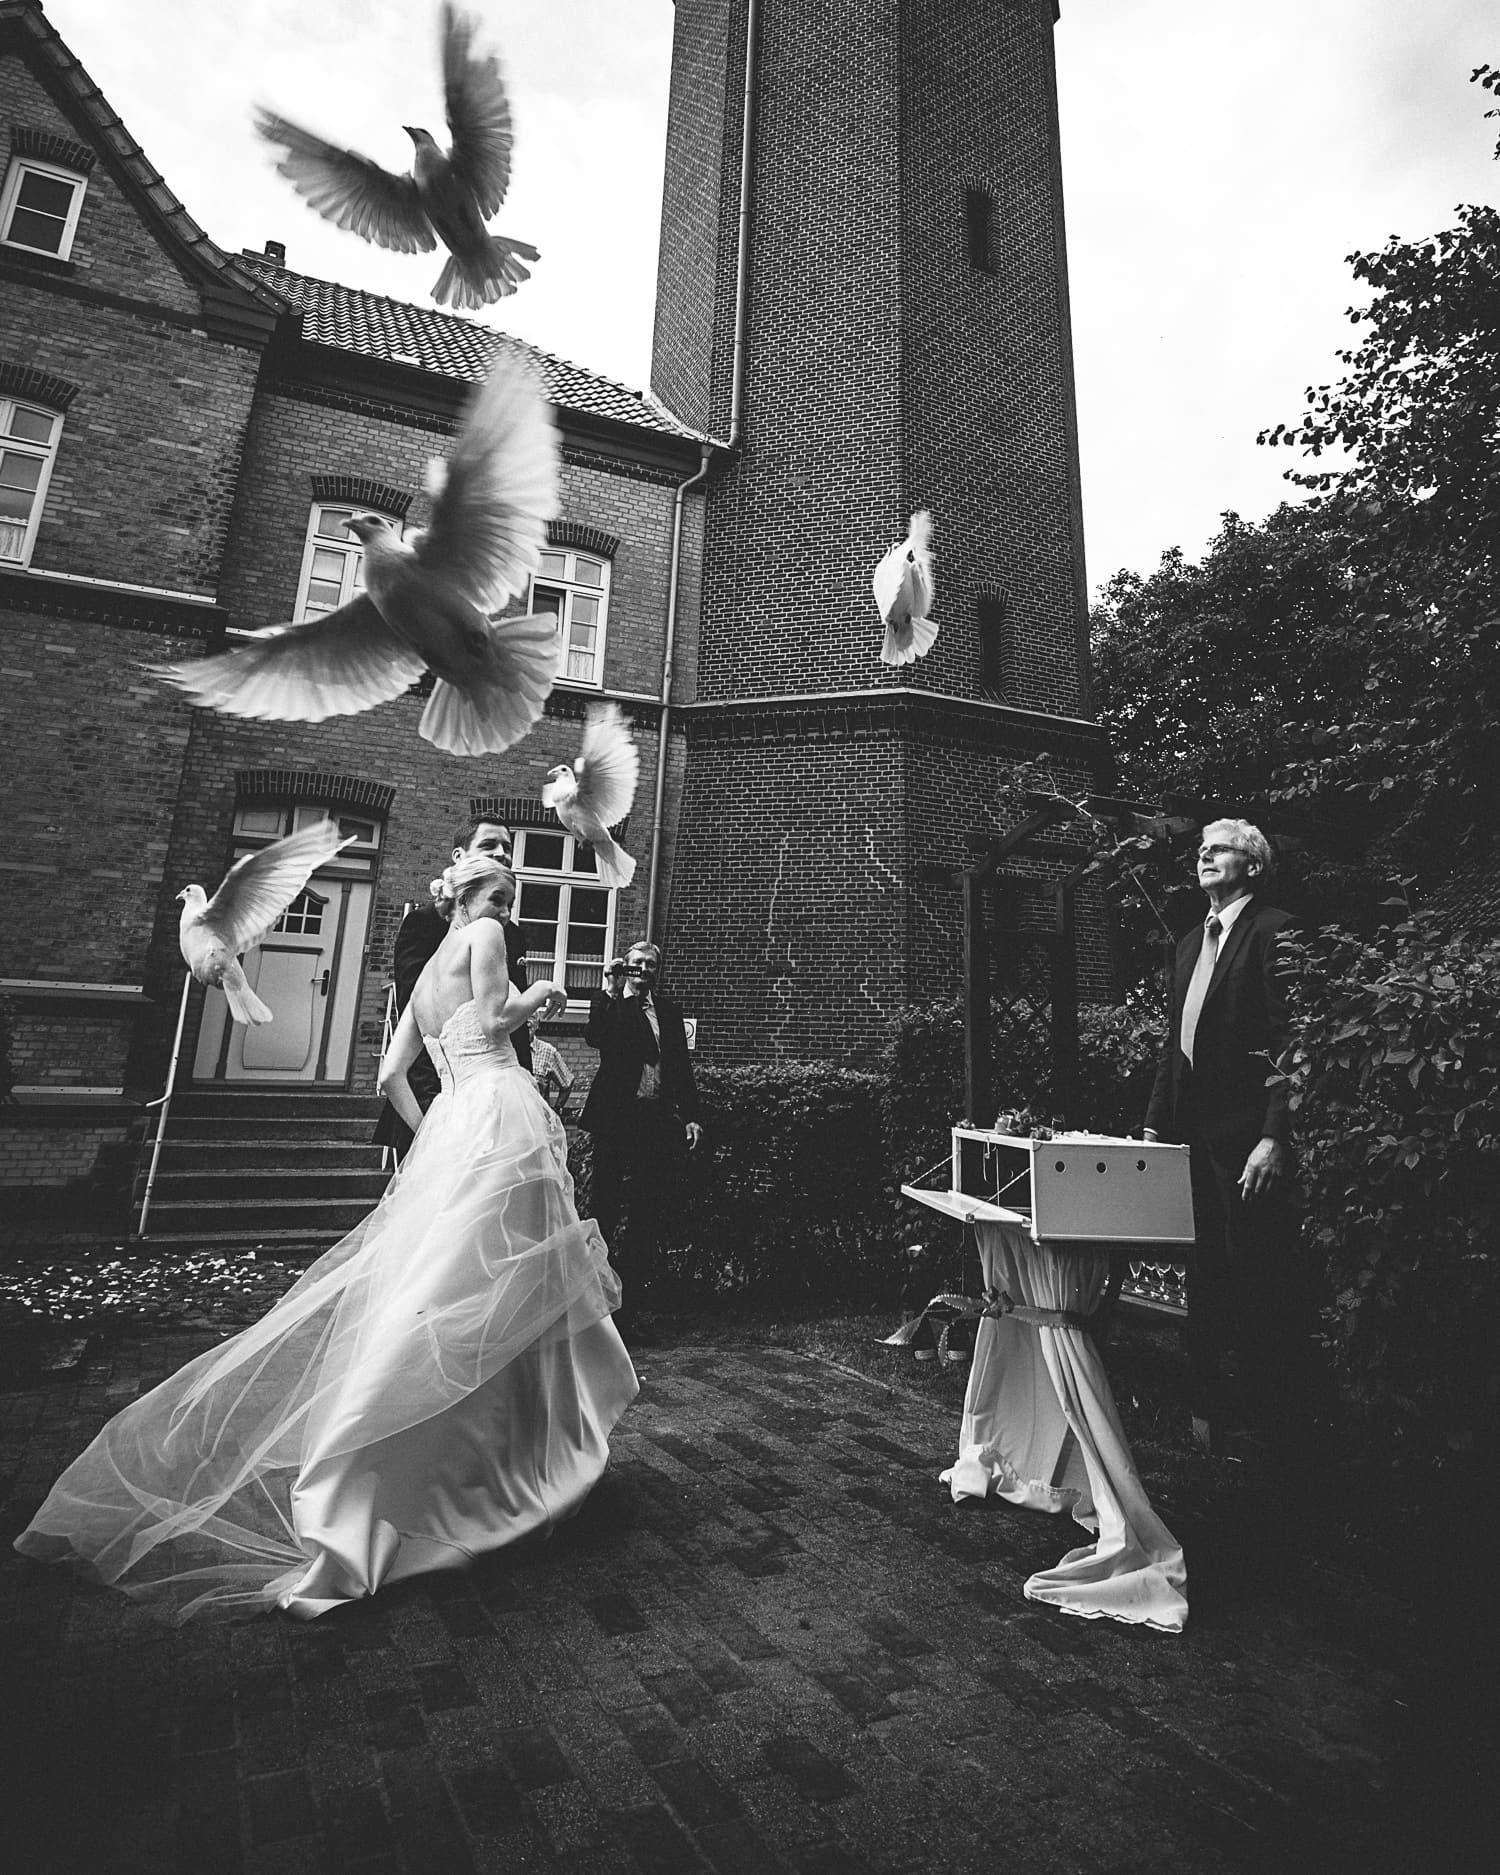 Karoline und Thomas, Hochzeitsfotograf, www.studioamkanal.de, Hochzeitsreportage Lübeck, Bad Schwartau, Mölln, Travemünde, Neustadt, Schleswig-Holstein